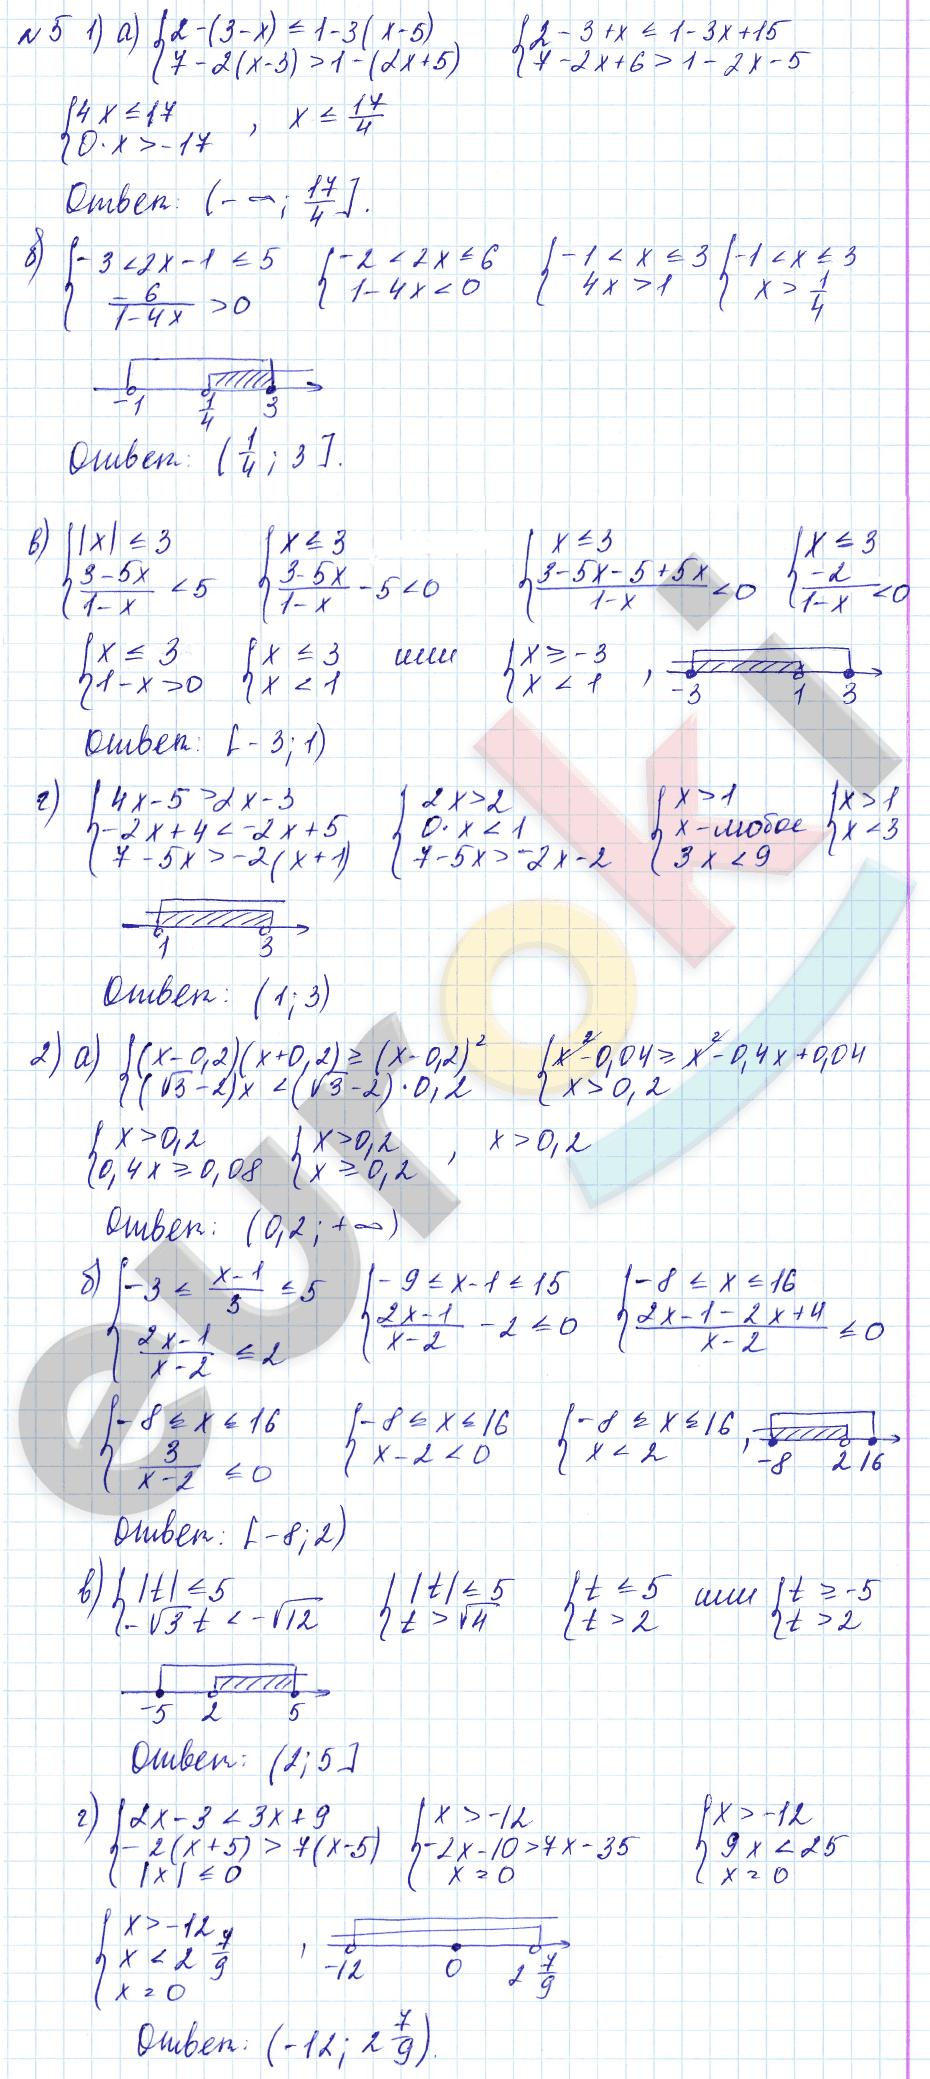 Класс решебник 9 евстафьева материалы по алгебре дидактические